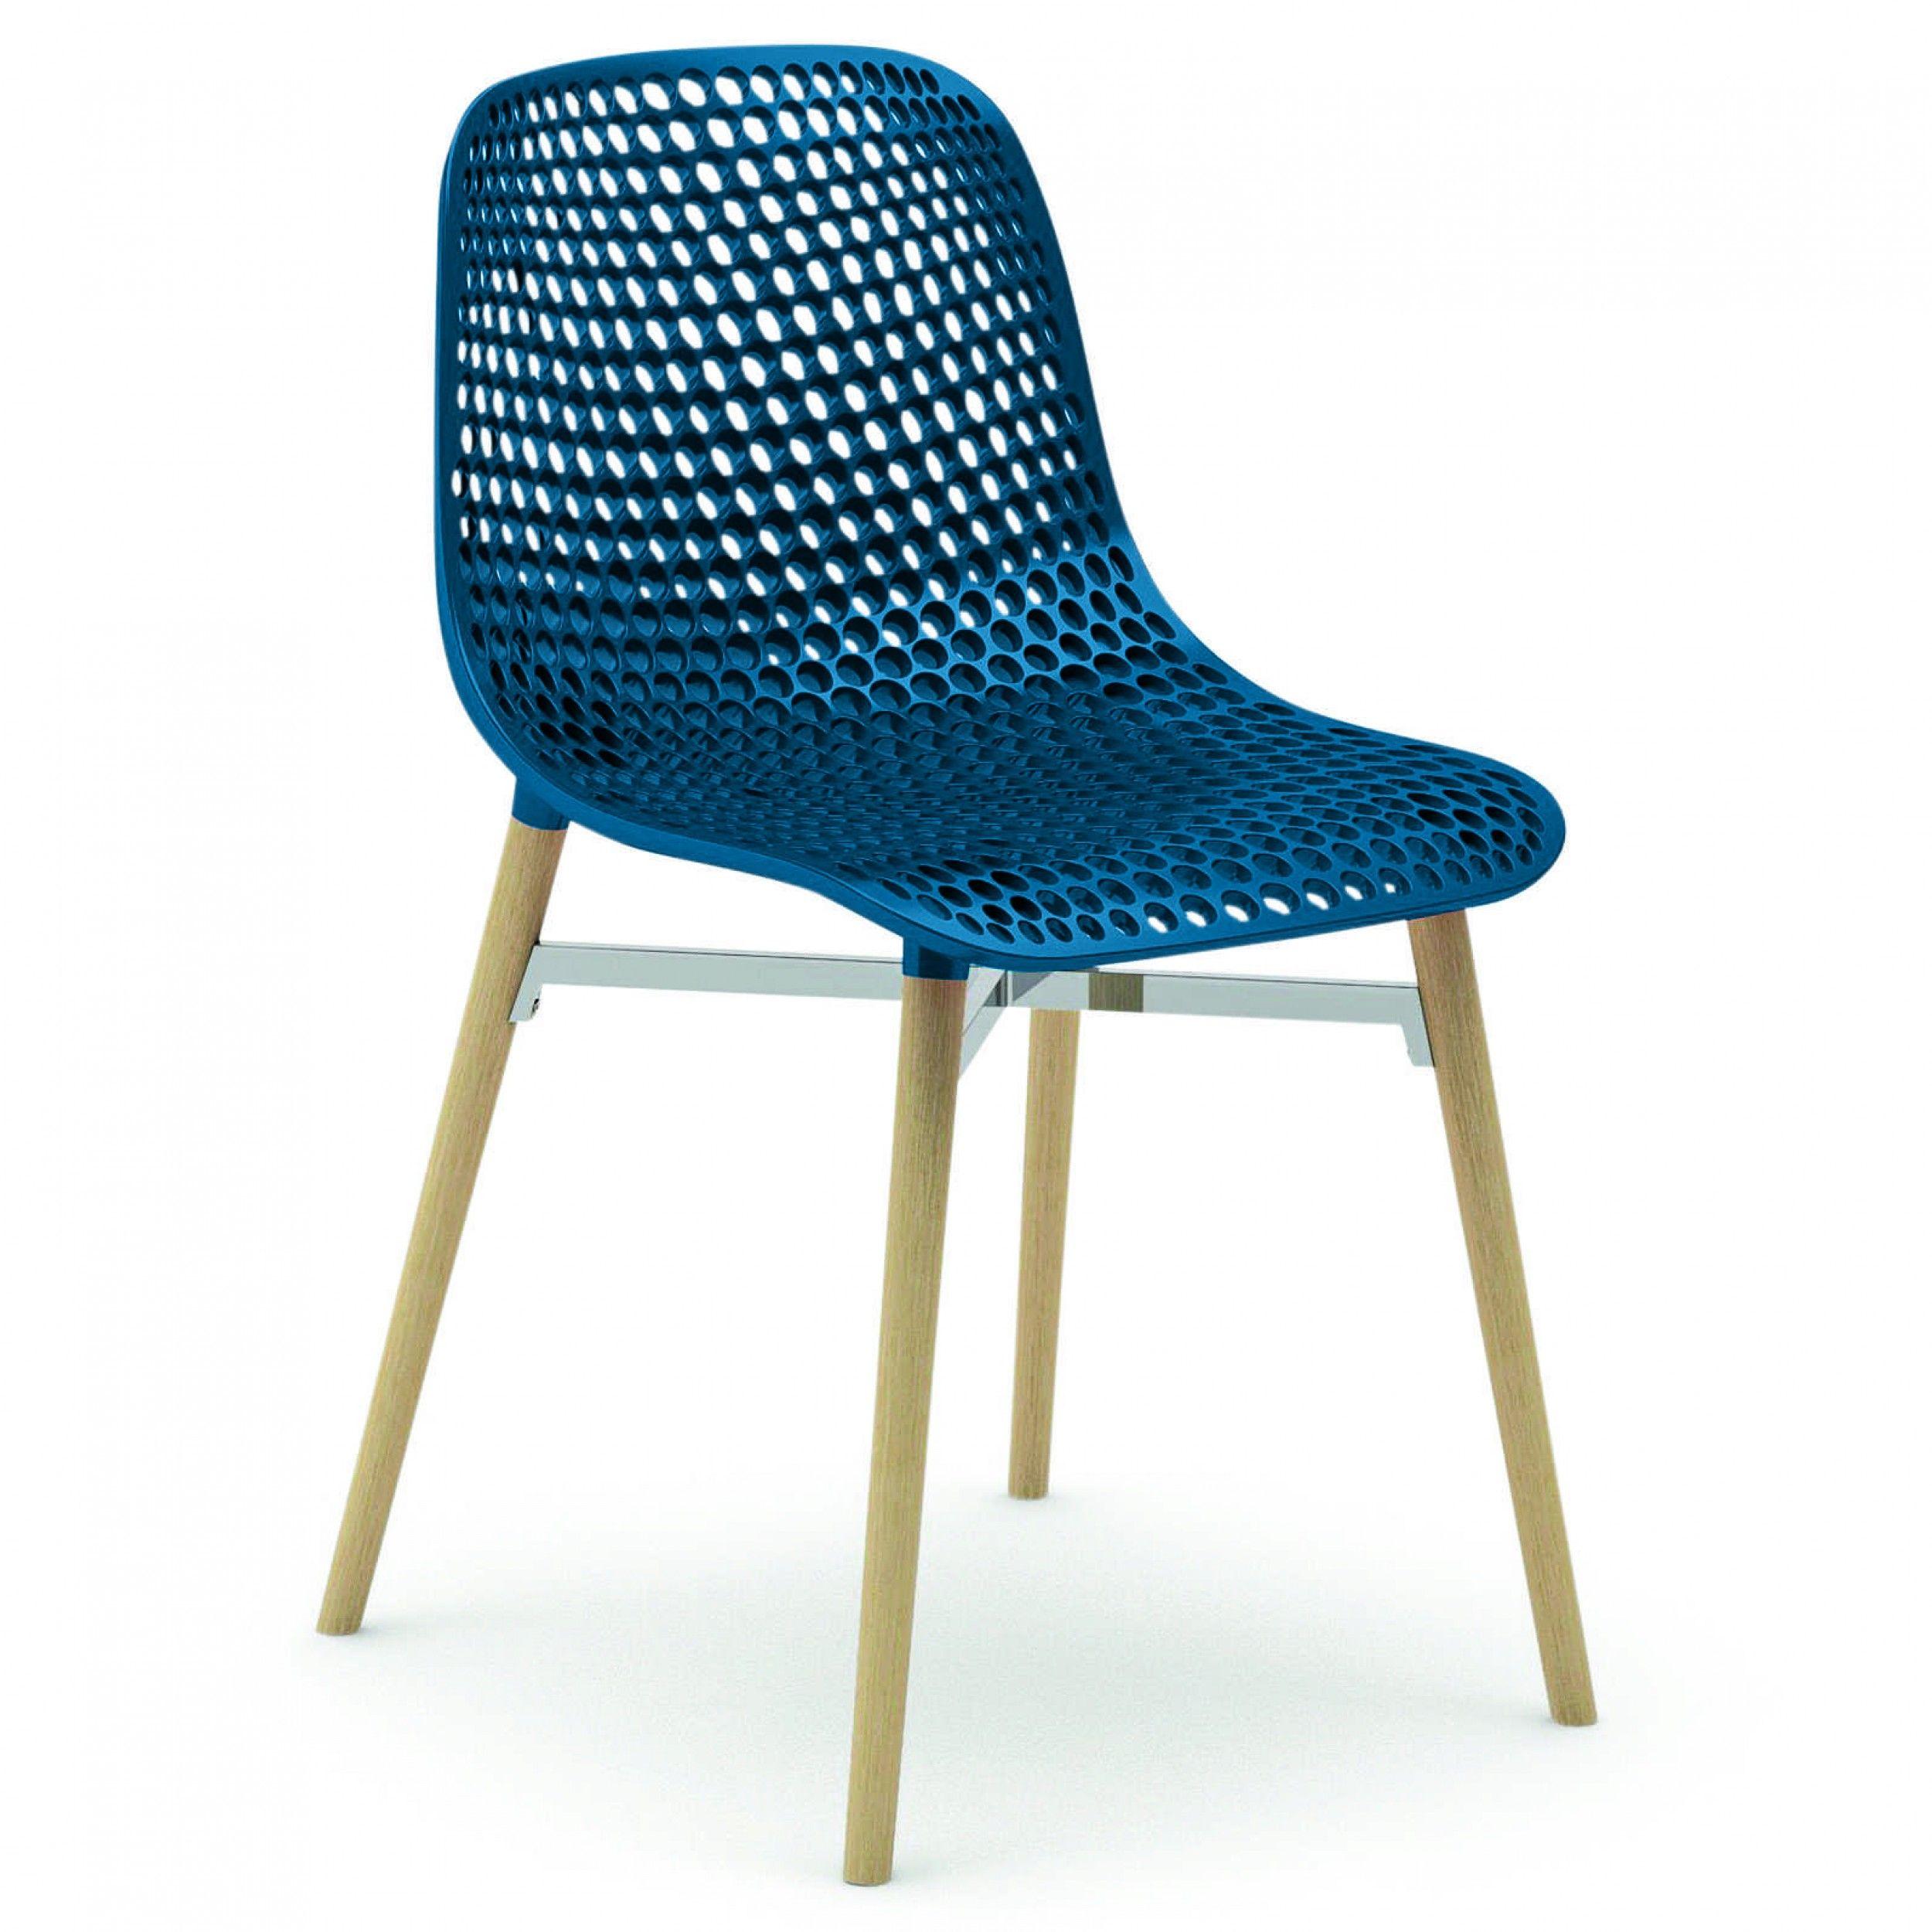 Infiniti Stuhl Next verschiedene Farben - 4 Fuß Stühle - Stühle ...